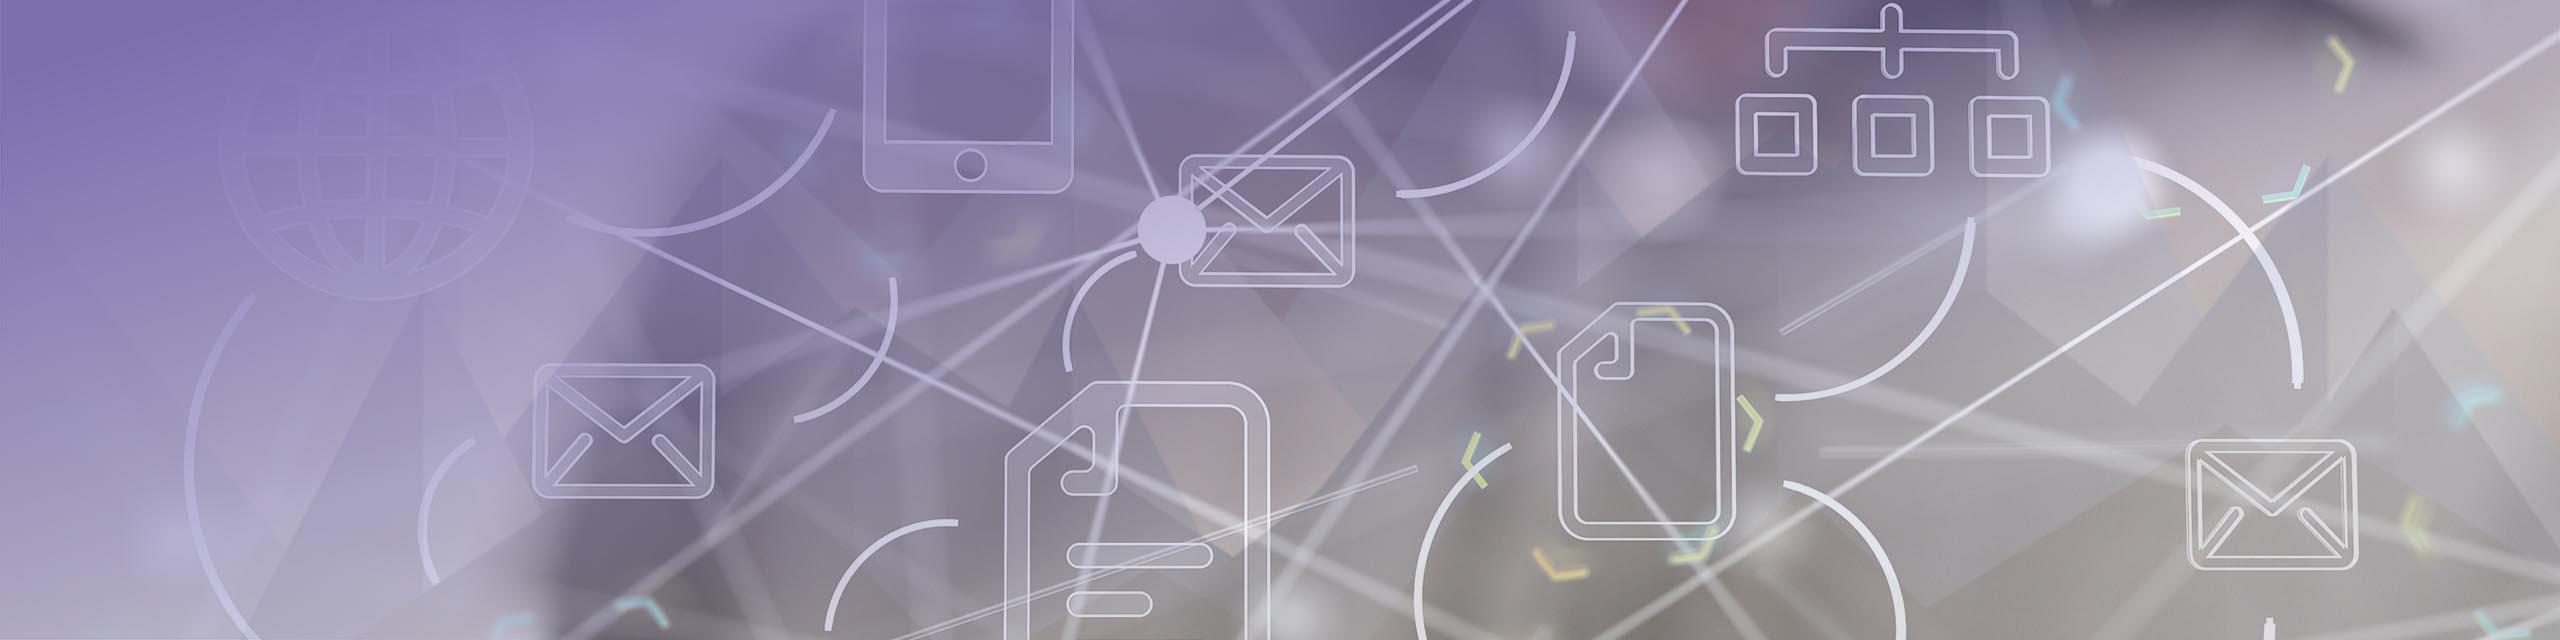 FOSTEC Kernkompetenz IT-Entwicklung